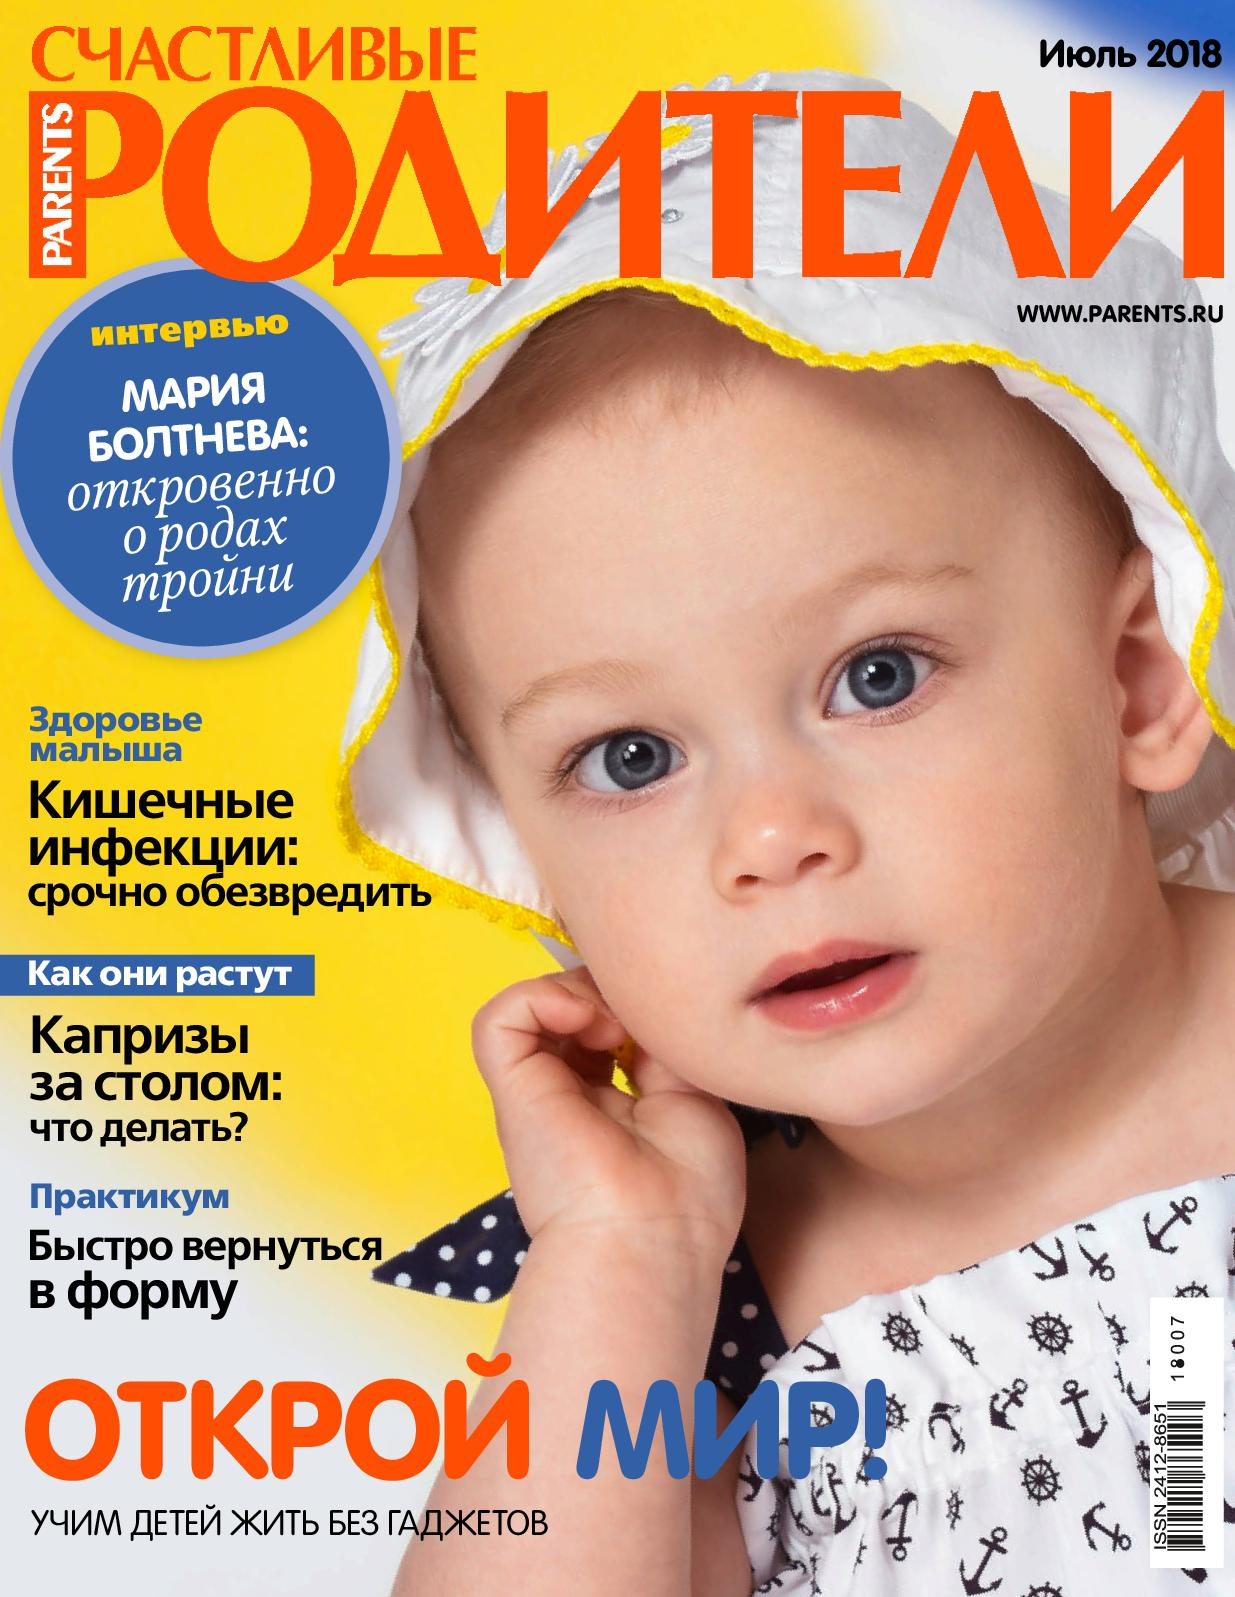 ya-hochu-sosat-u-menya-seychas-poletsya-v-trusi